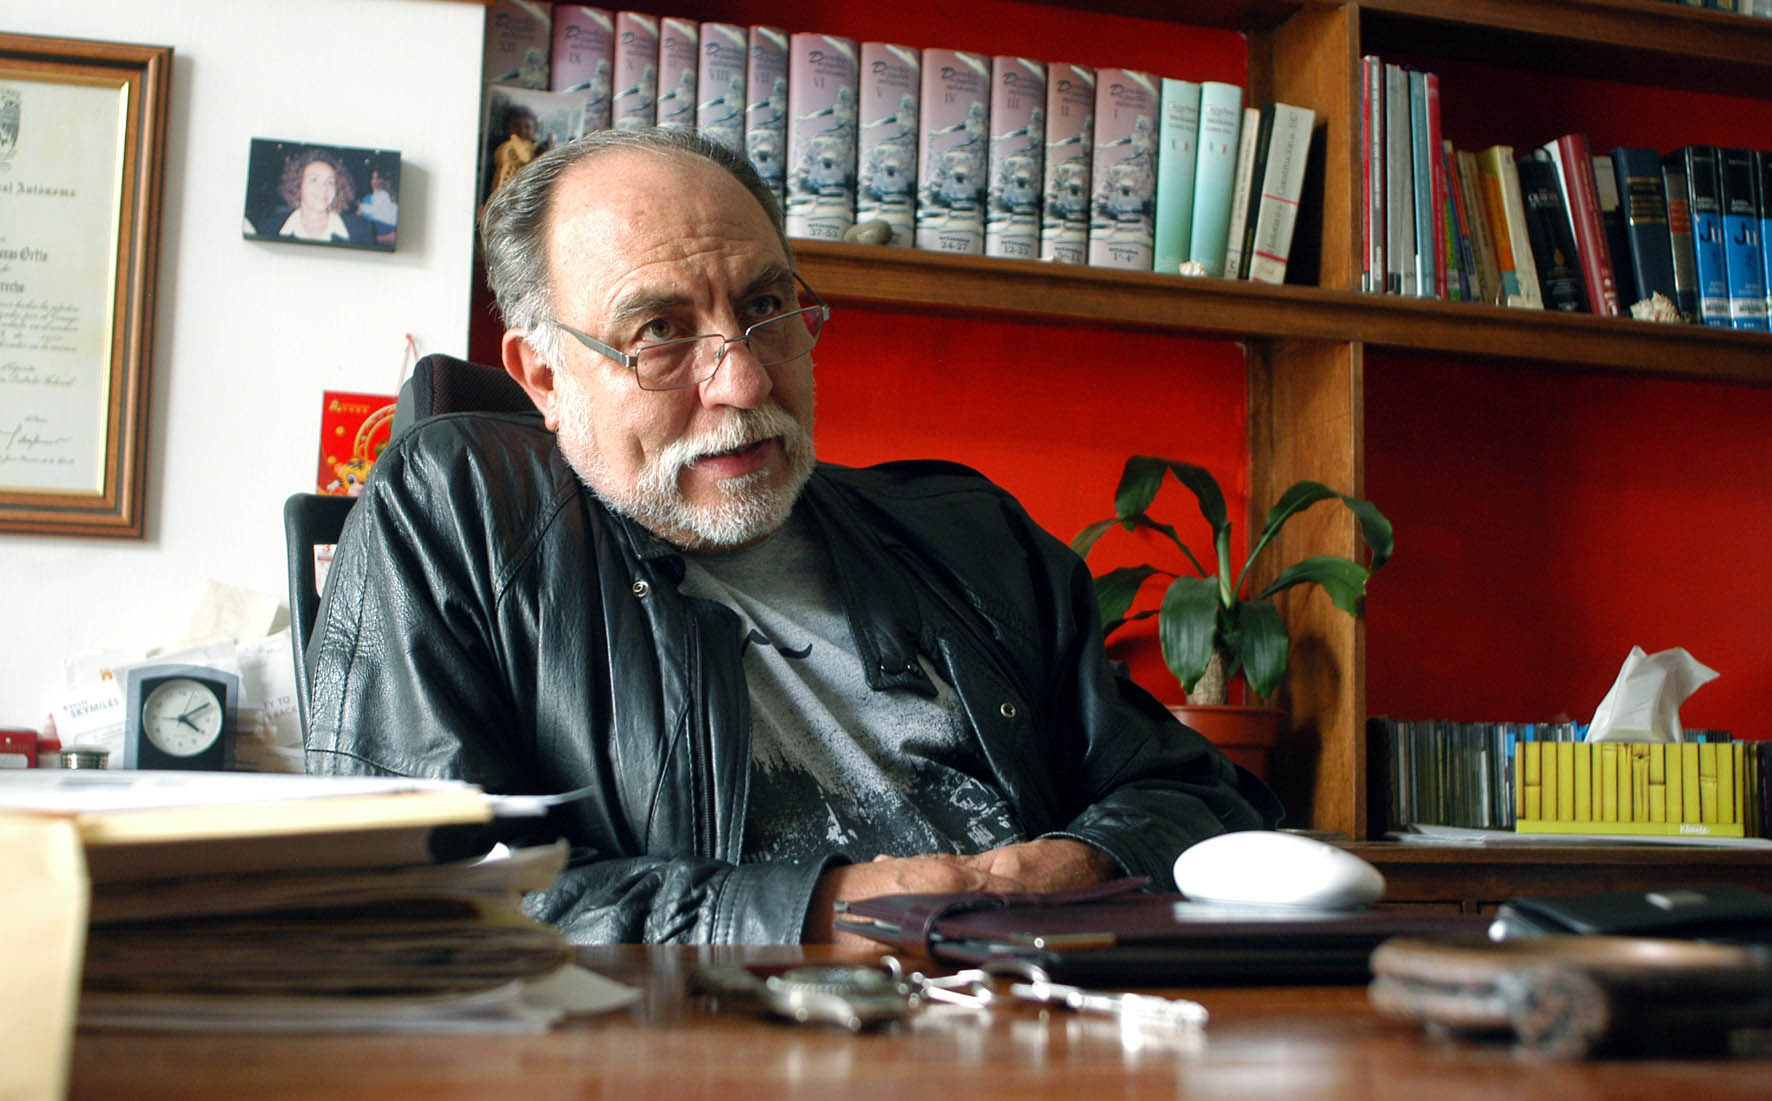 El plan de justicia cotidiana promueve el autoritarismo laboral: Alfonso Bouzas